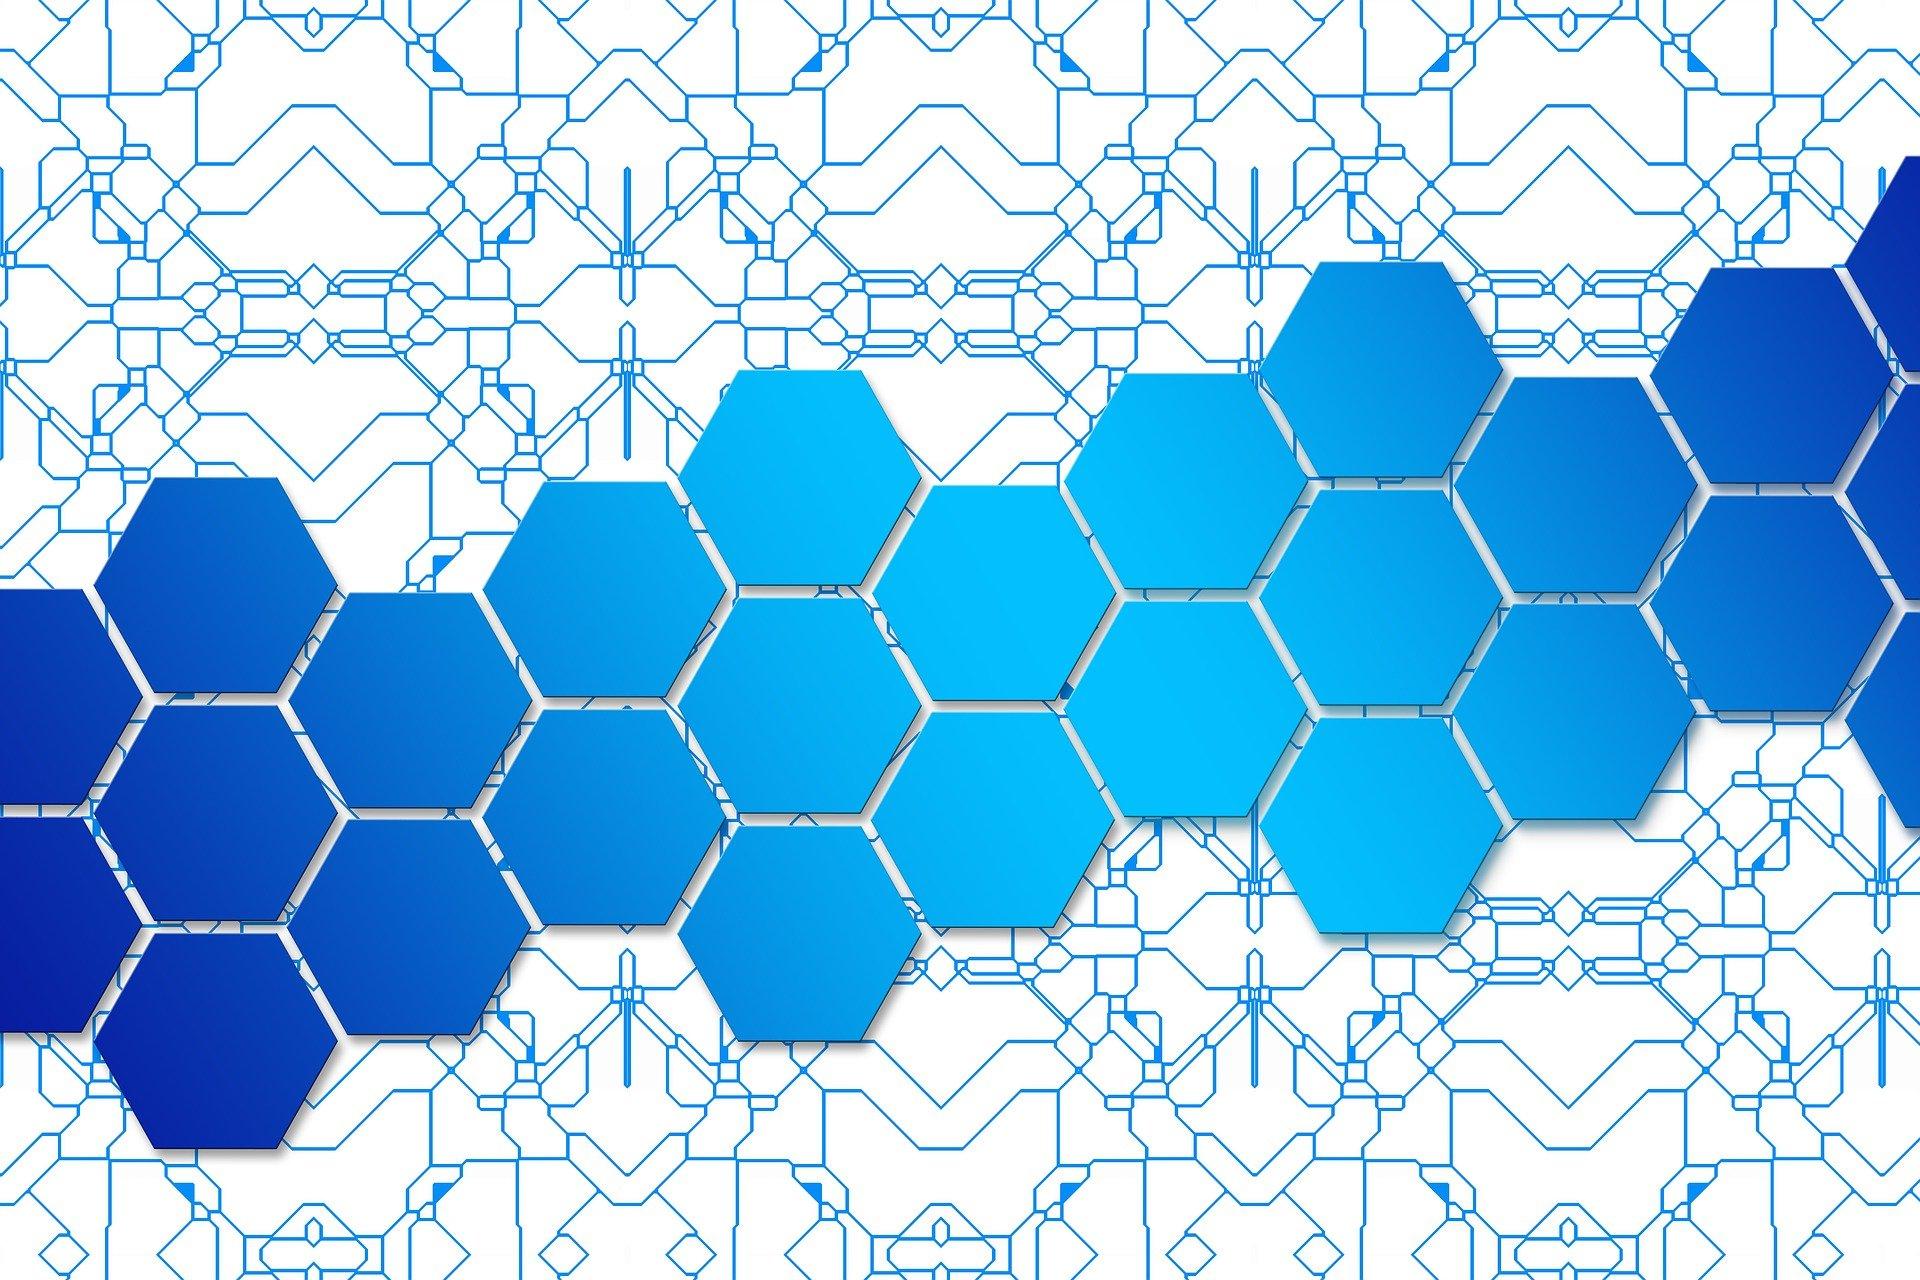 https%3A//pixabay.com/photos/hexagons-honeycomb-hexagon-icon-3143432/